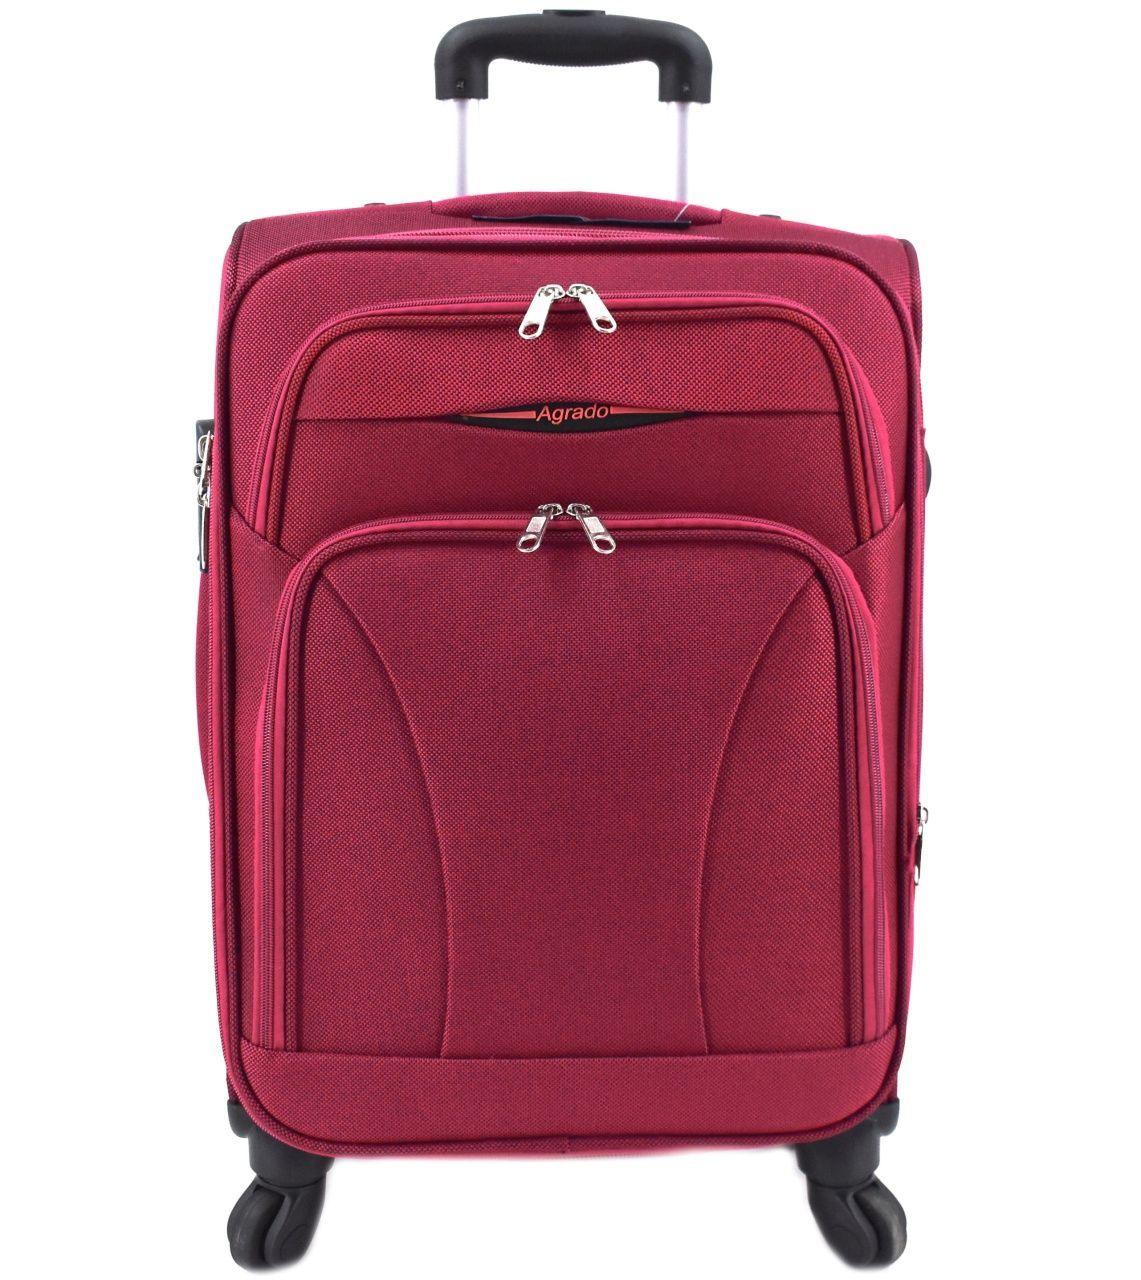 Cestovní textilní kufr na čtyřech kolečkách Agrado (S) 45l - vínová 8021 (S)